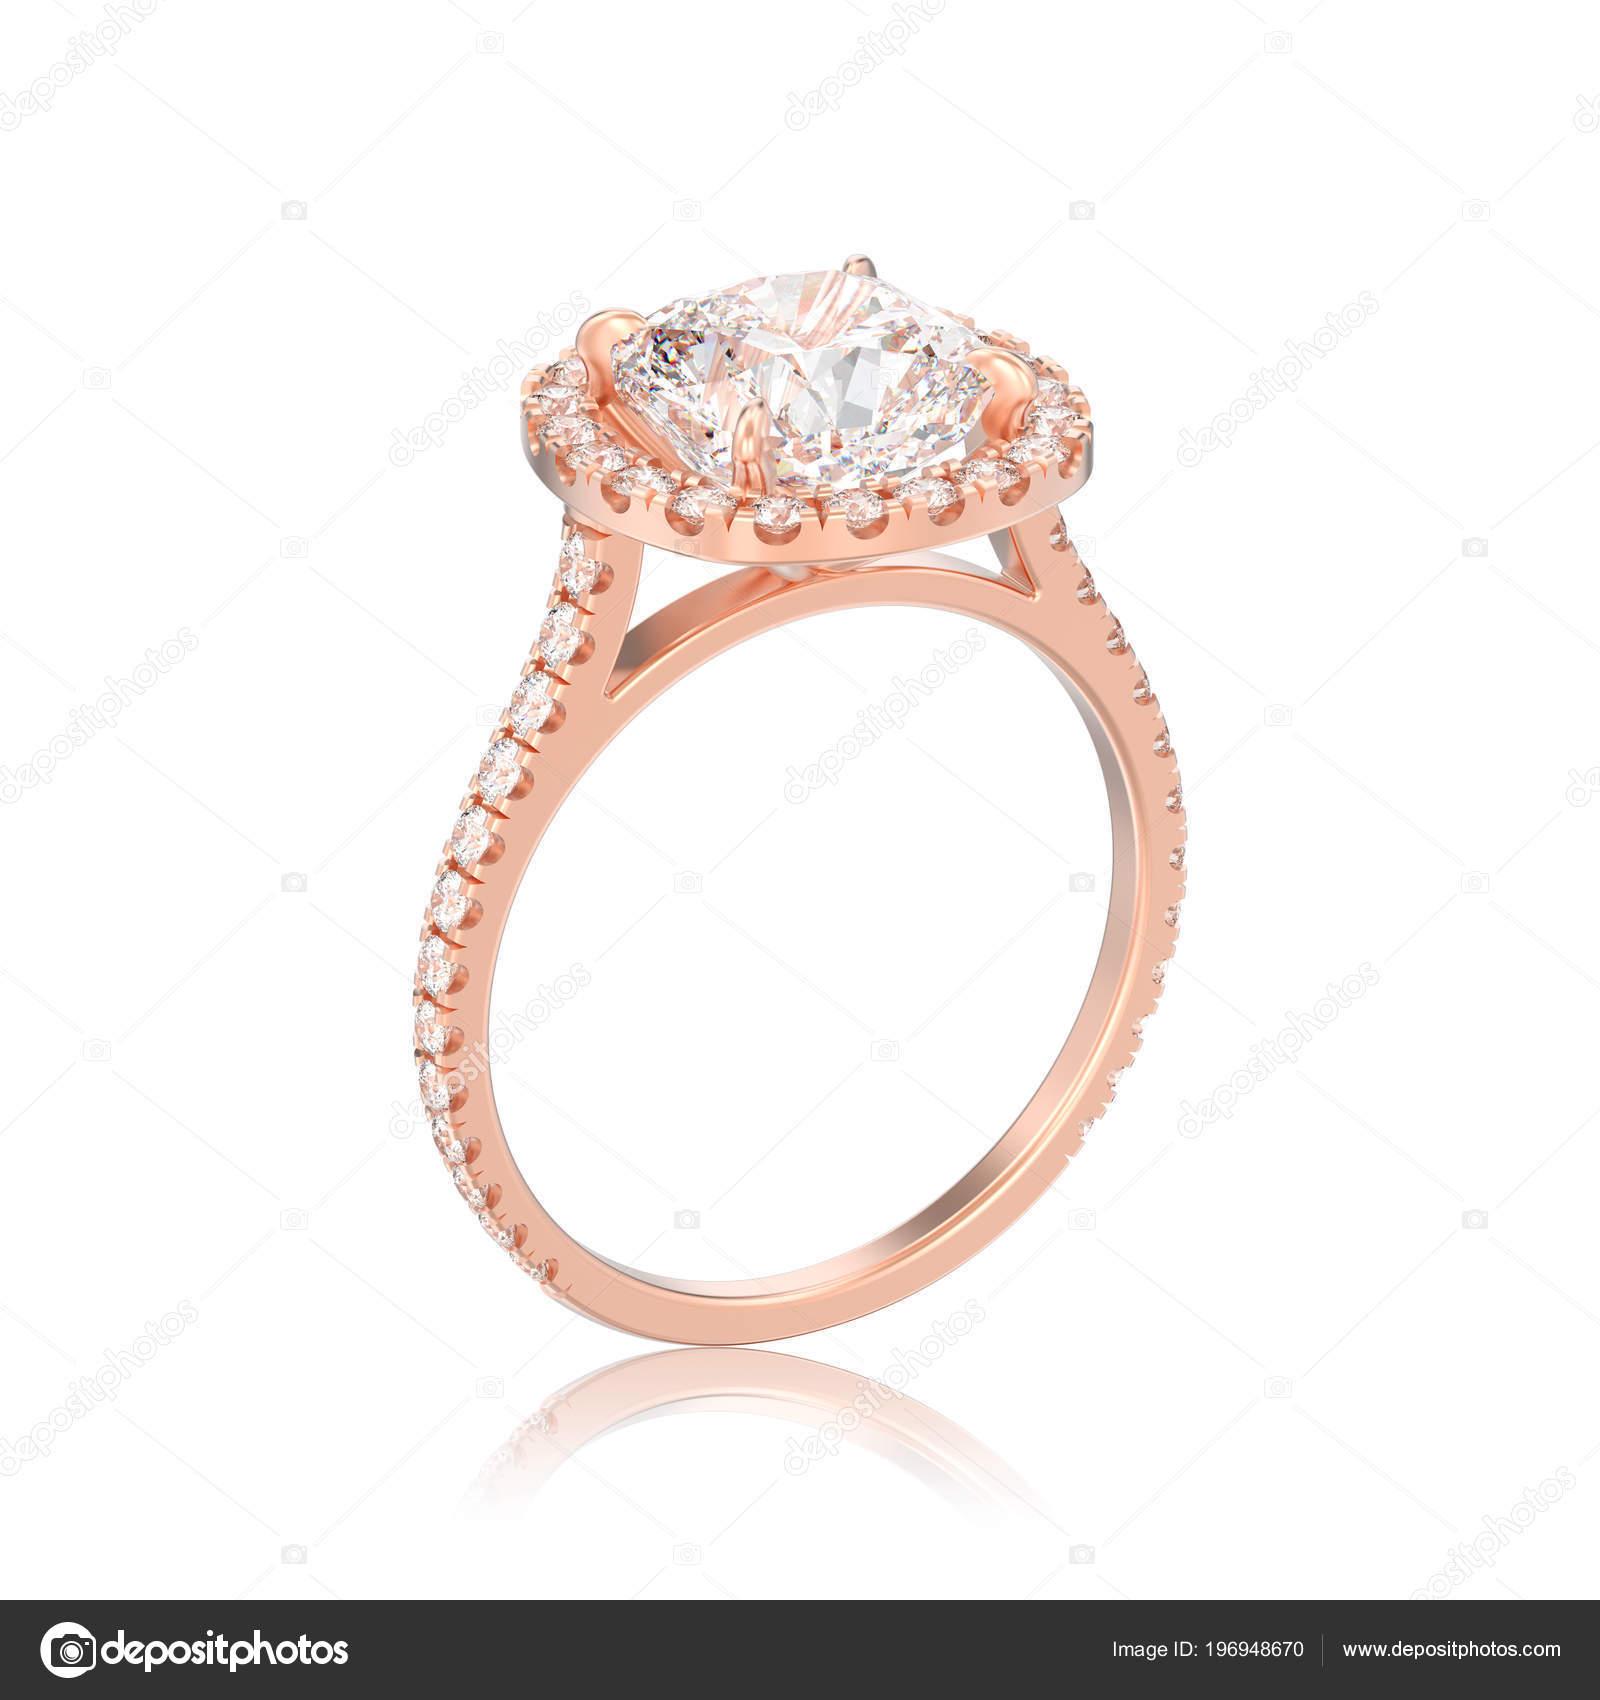 Abbildung Isoliert Rose Gold Hochzeit Kissen Diamant